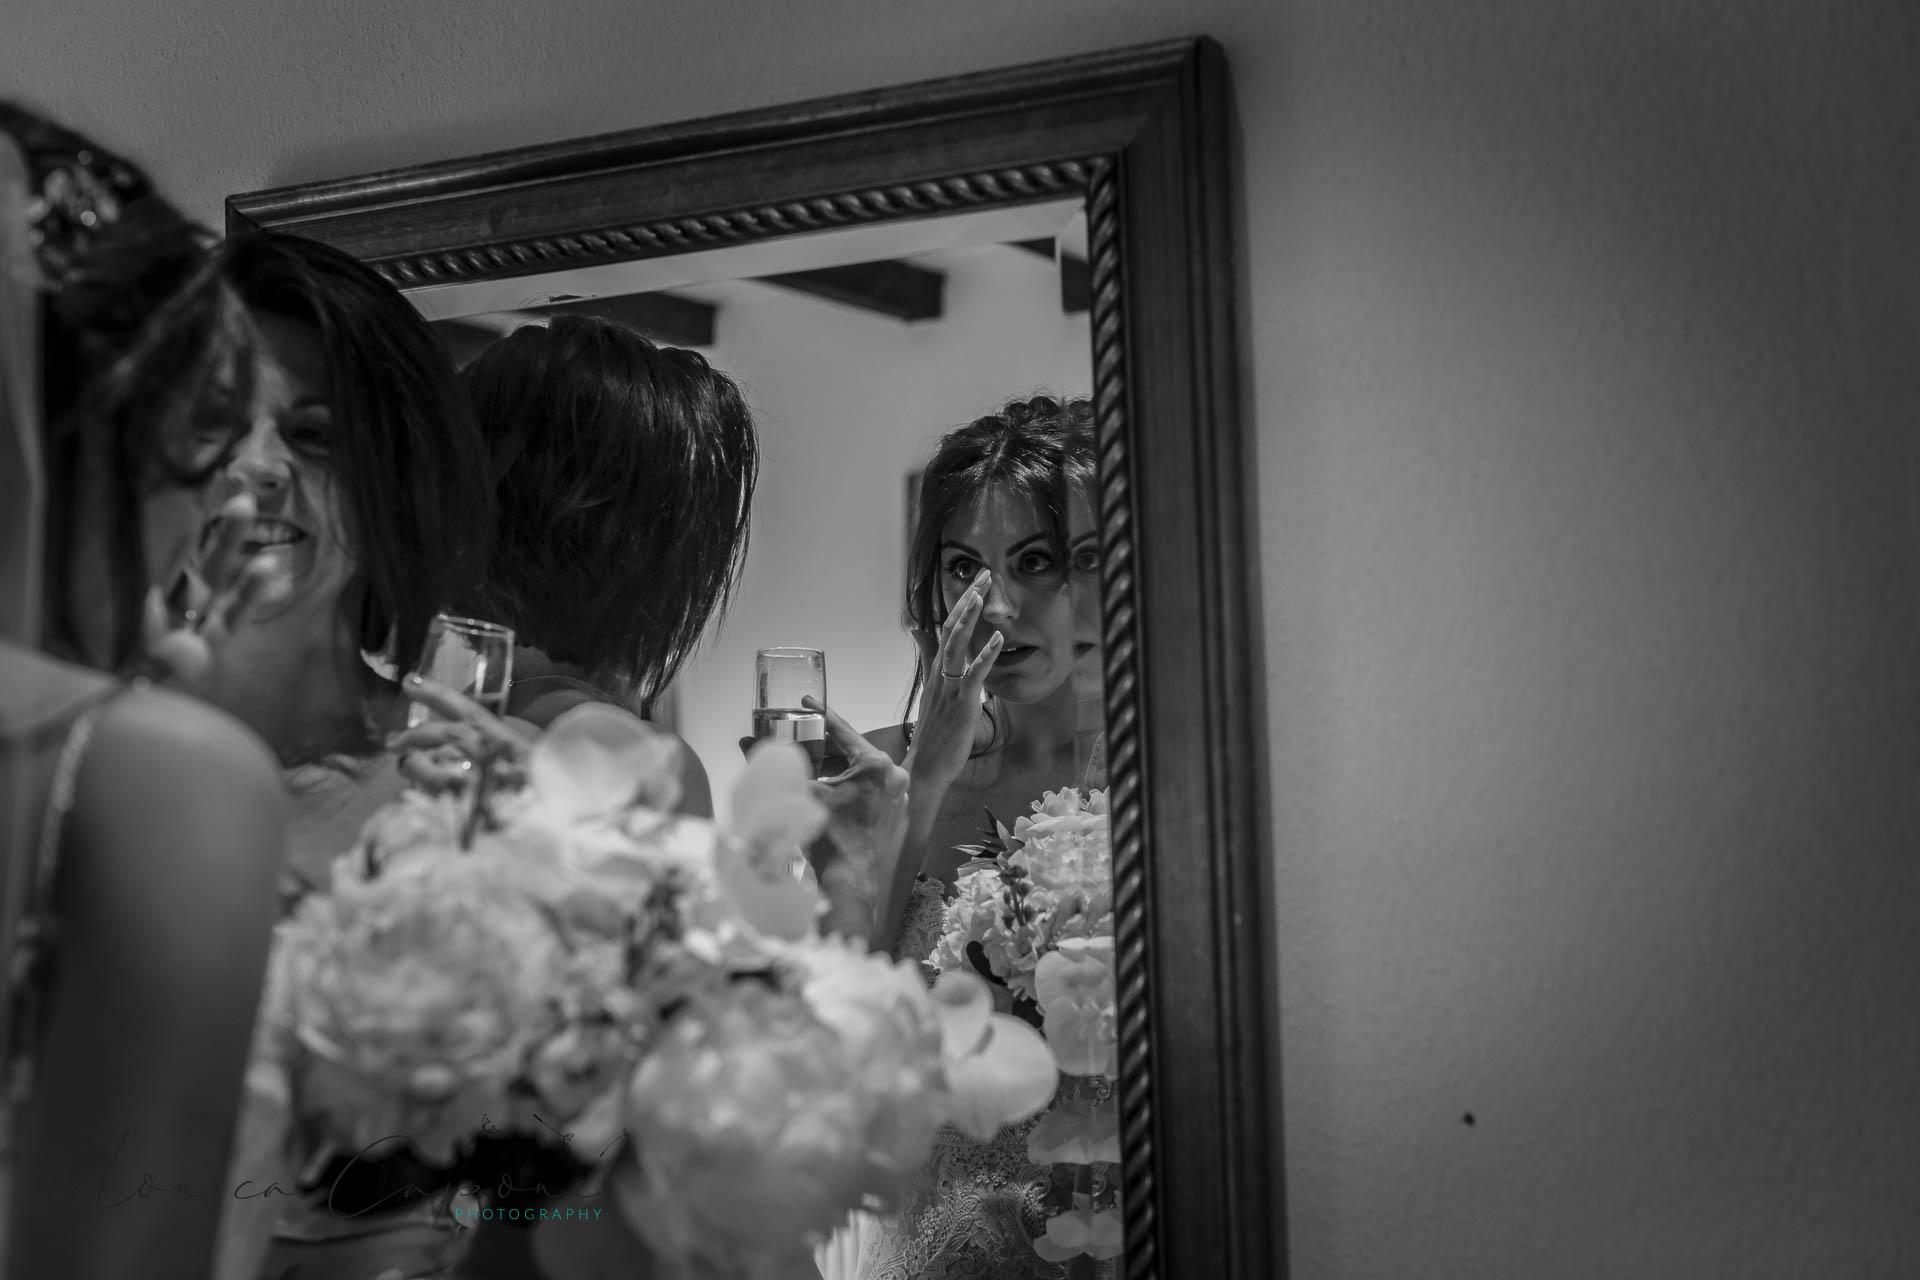 miglior-fotografo-matrimonio-arezzo